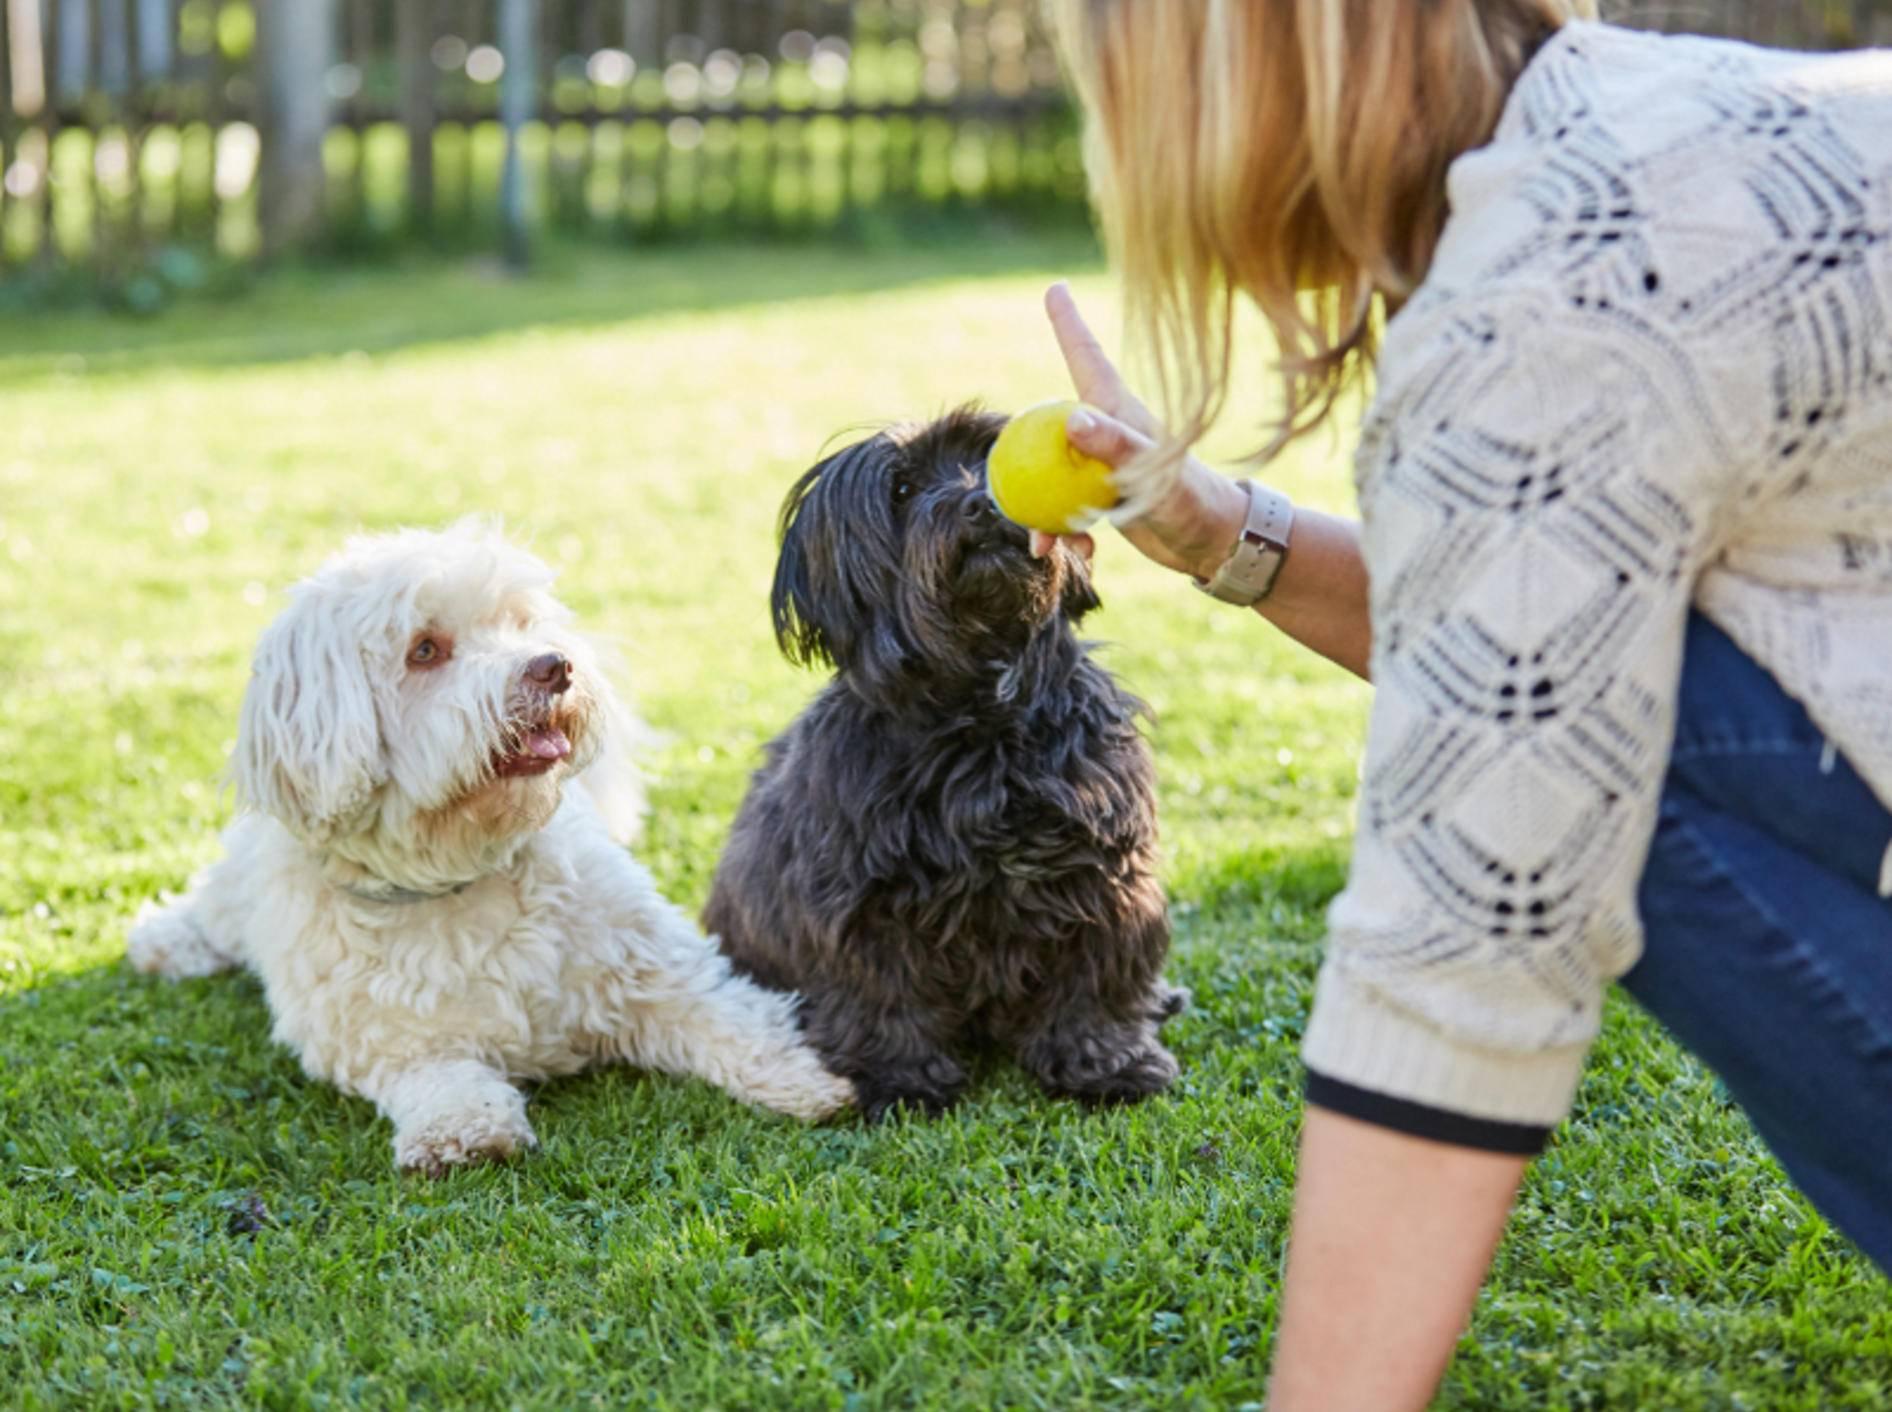 Wenn Hunde nicht warten beziehungsweise zu früh Apportieren und Sie den Ball dann einfach wegnehmen, ist dies auch eine Form von negativer Verstärkung – Shutterstock / Peter Mayer Fotos